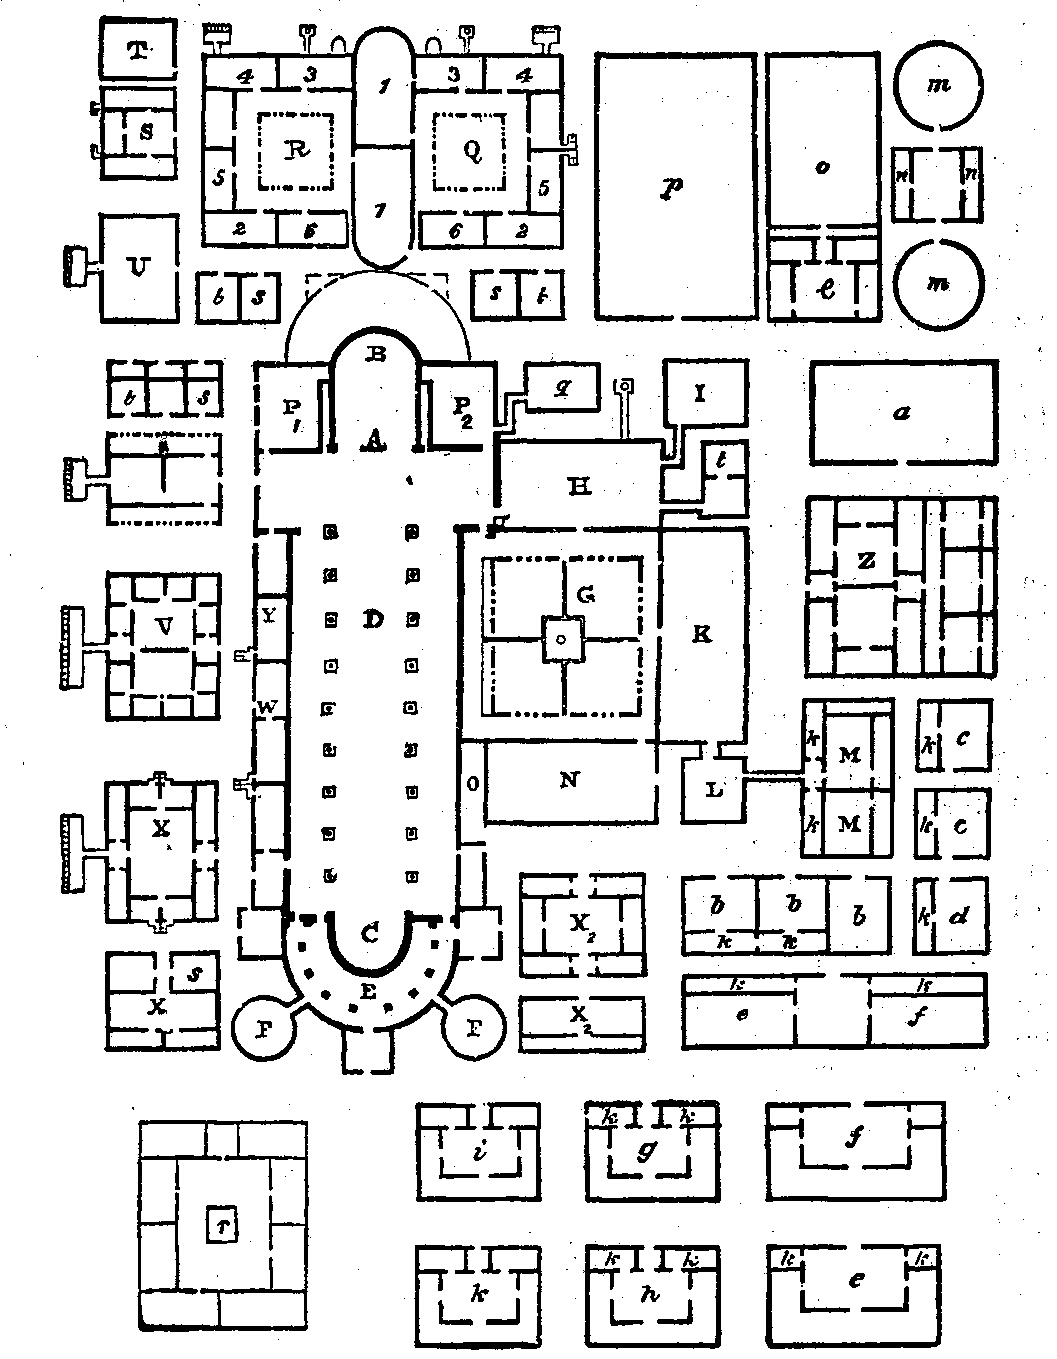 St.Galler Klosterplan